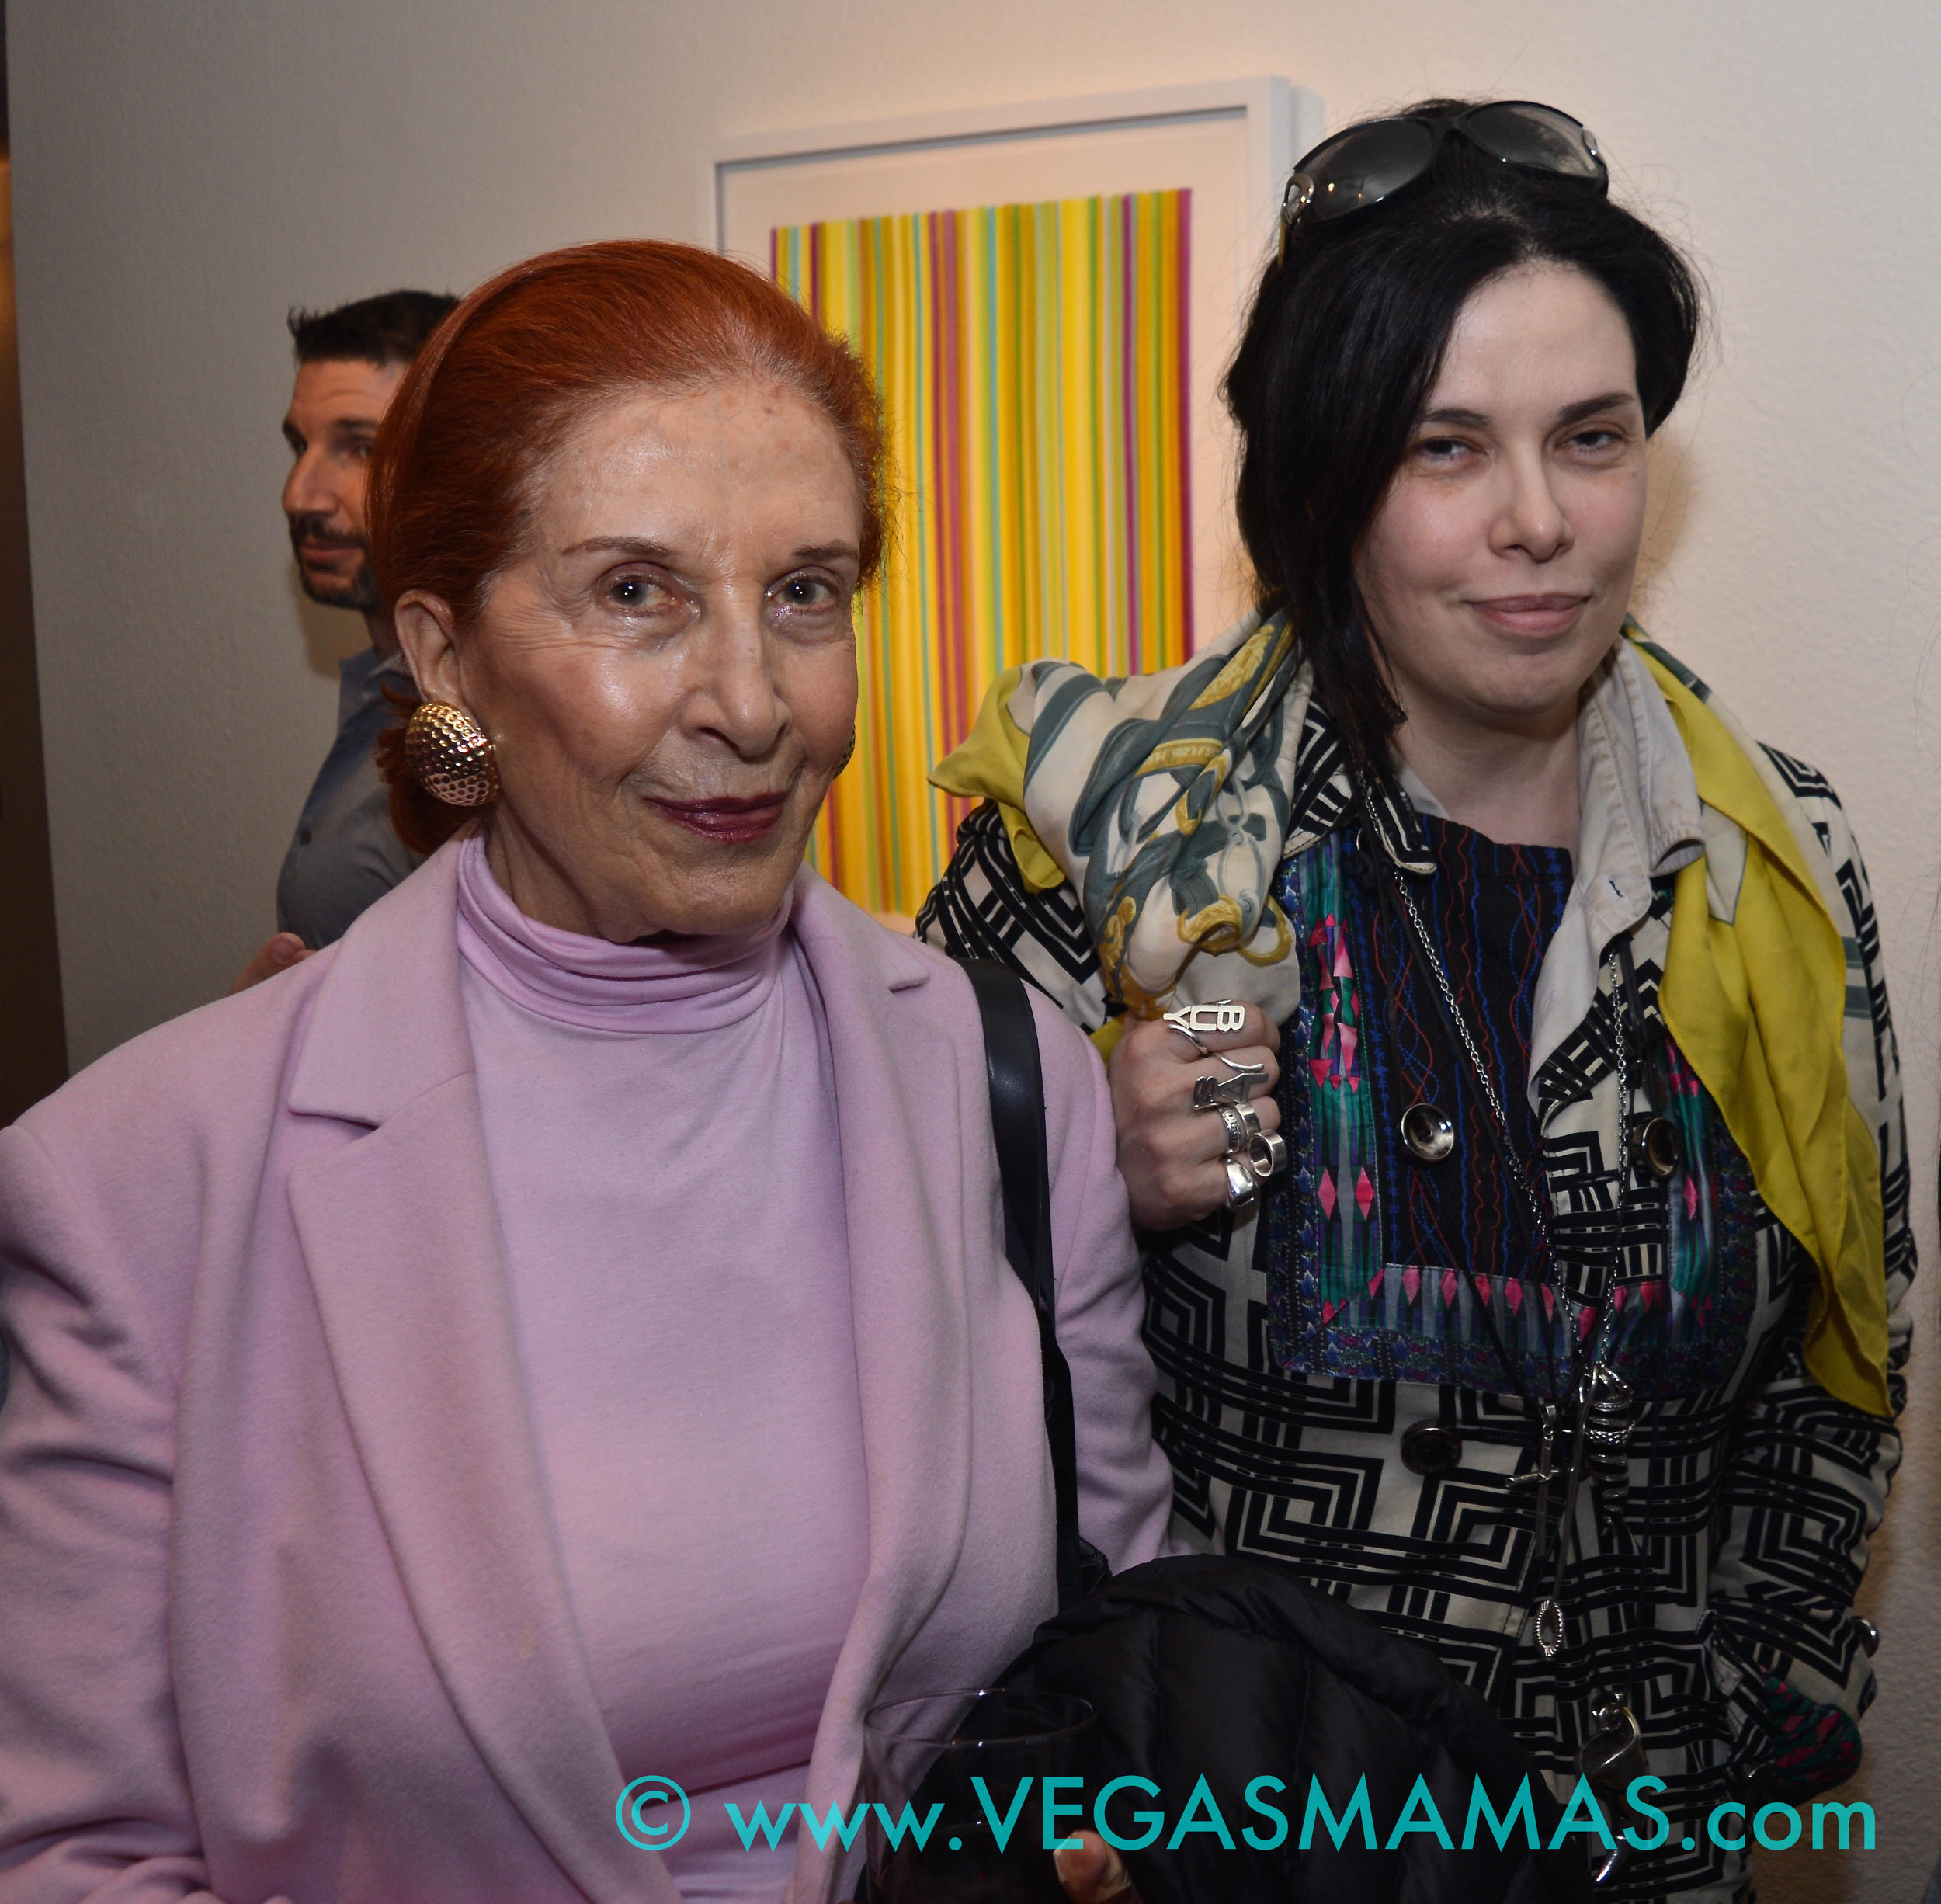 Marina Pignatelli and daughter Benedetta Pignatelli